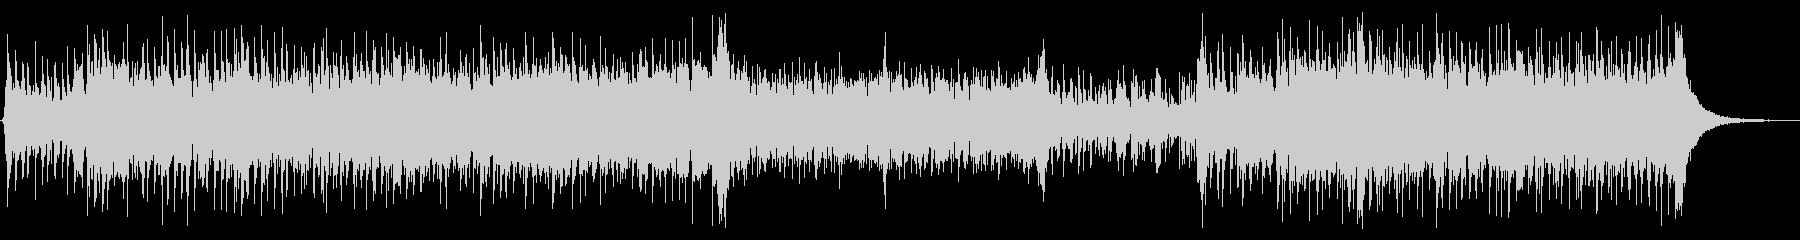 スラップベースと和太鼓 ドラム無版の未再生の波形